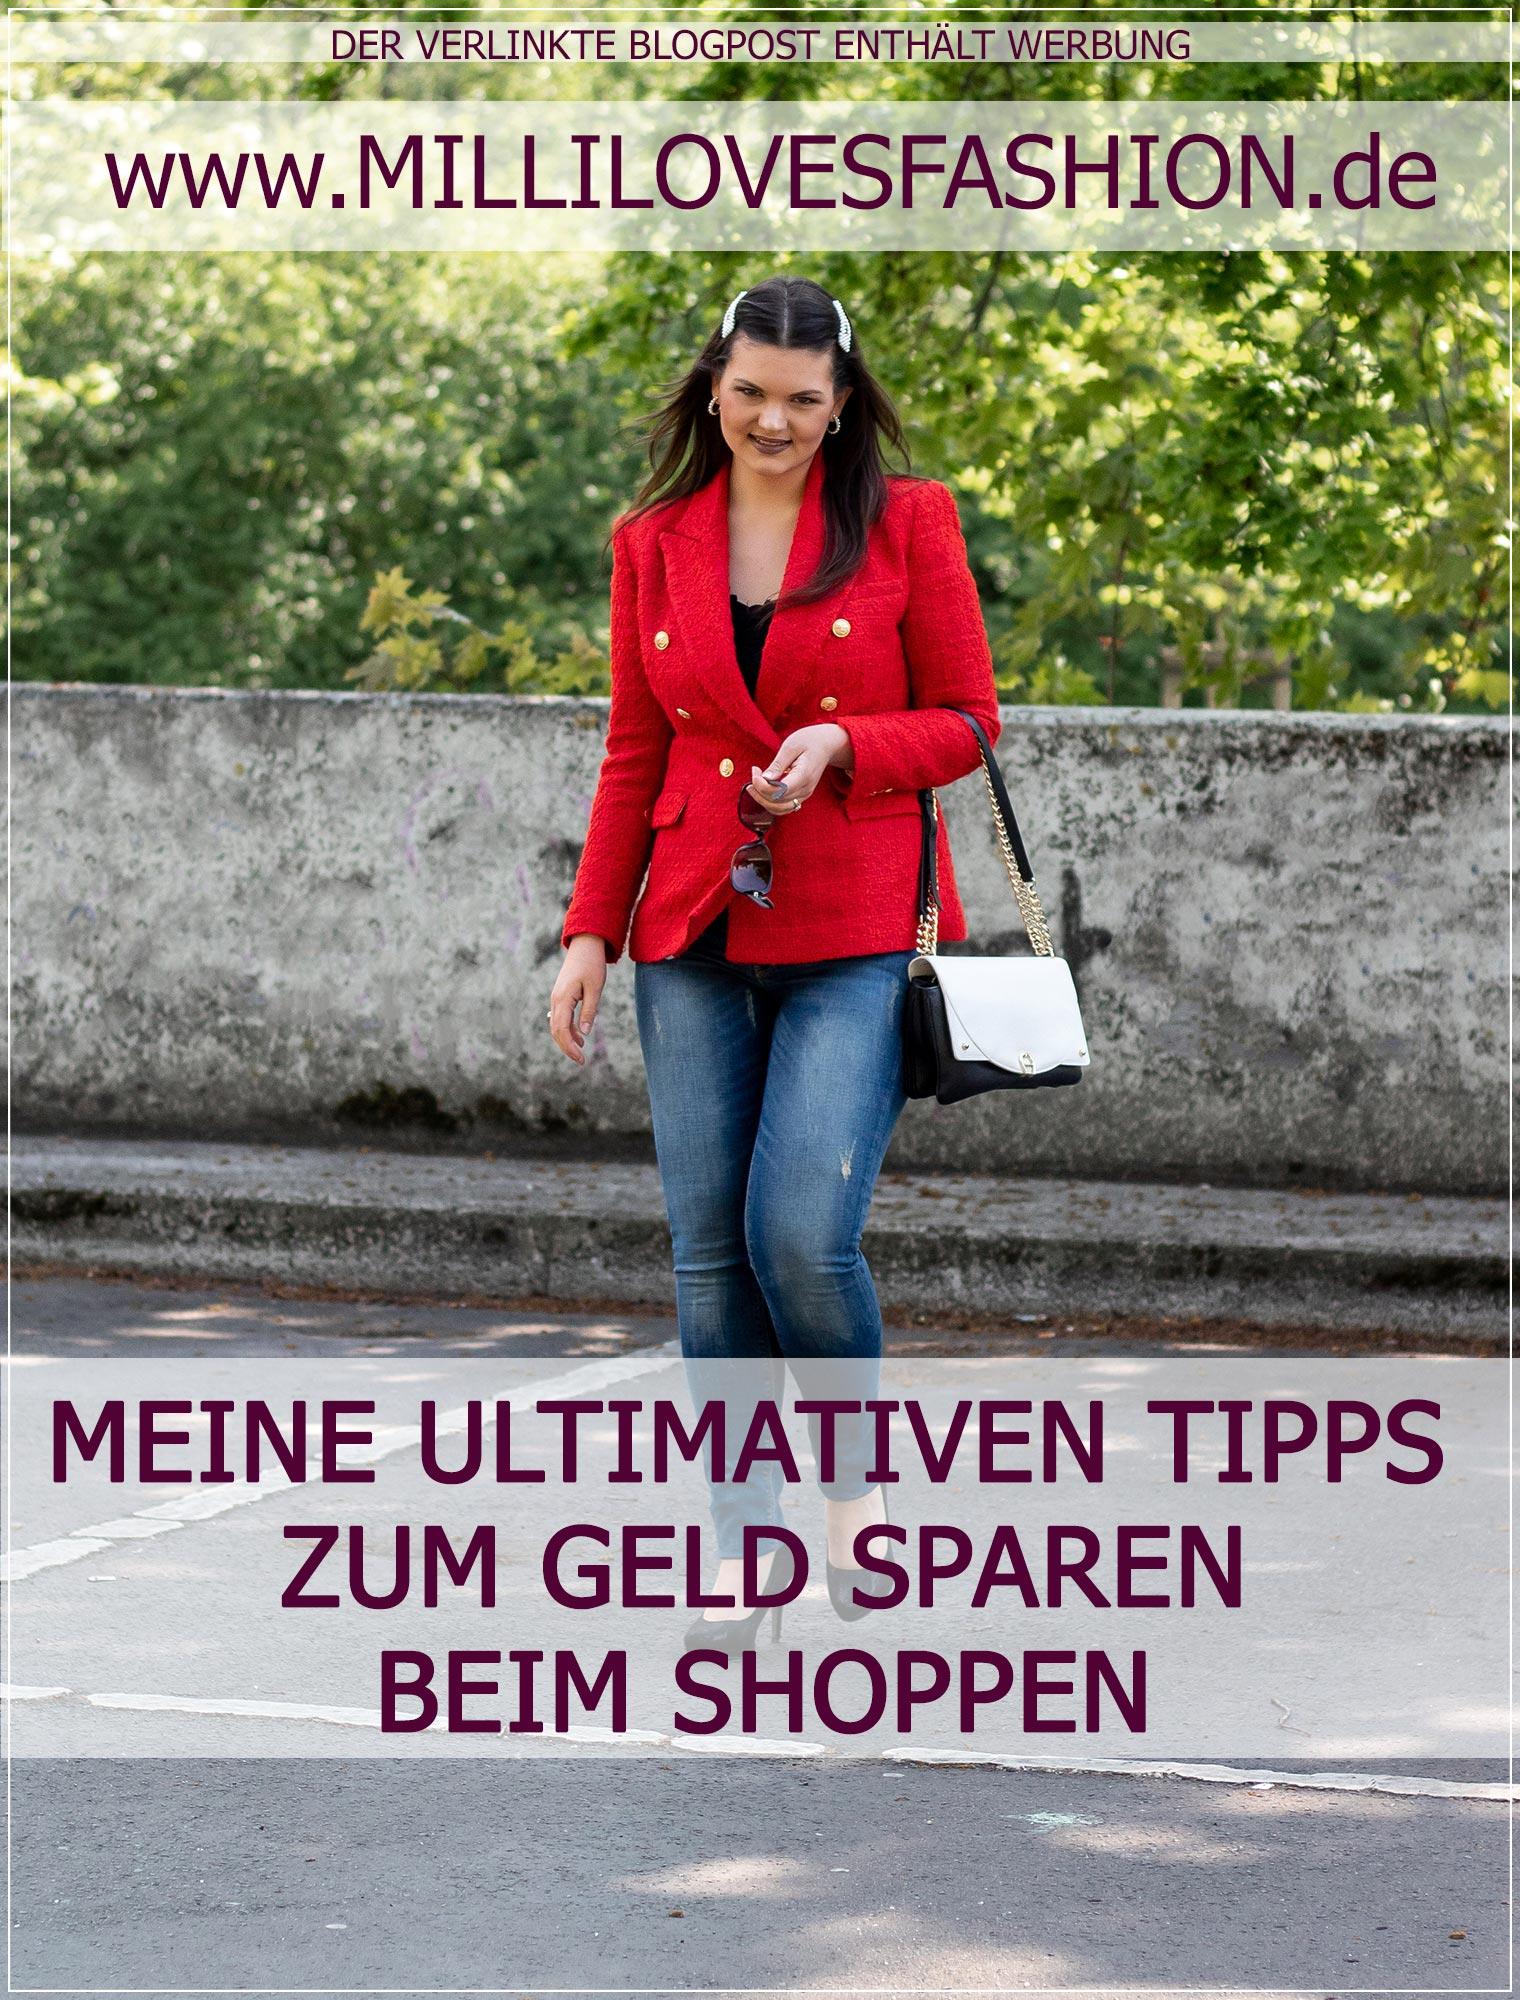 Die besten Tipps zum Geld sparen beim Shoppen